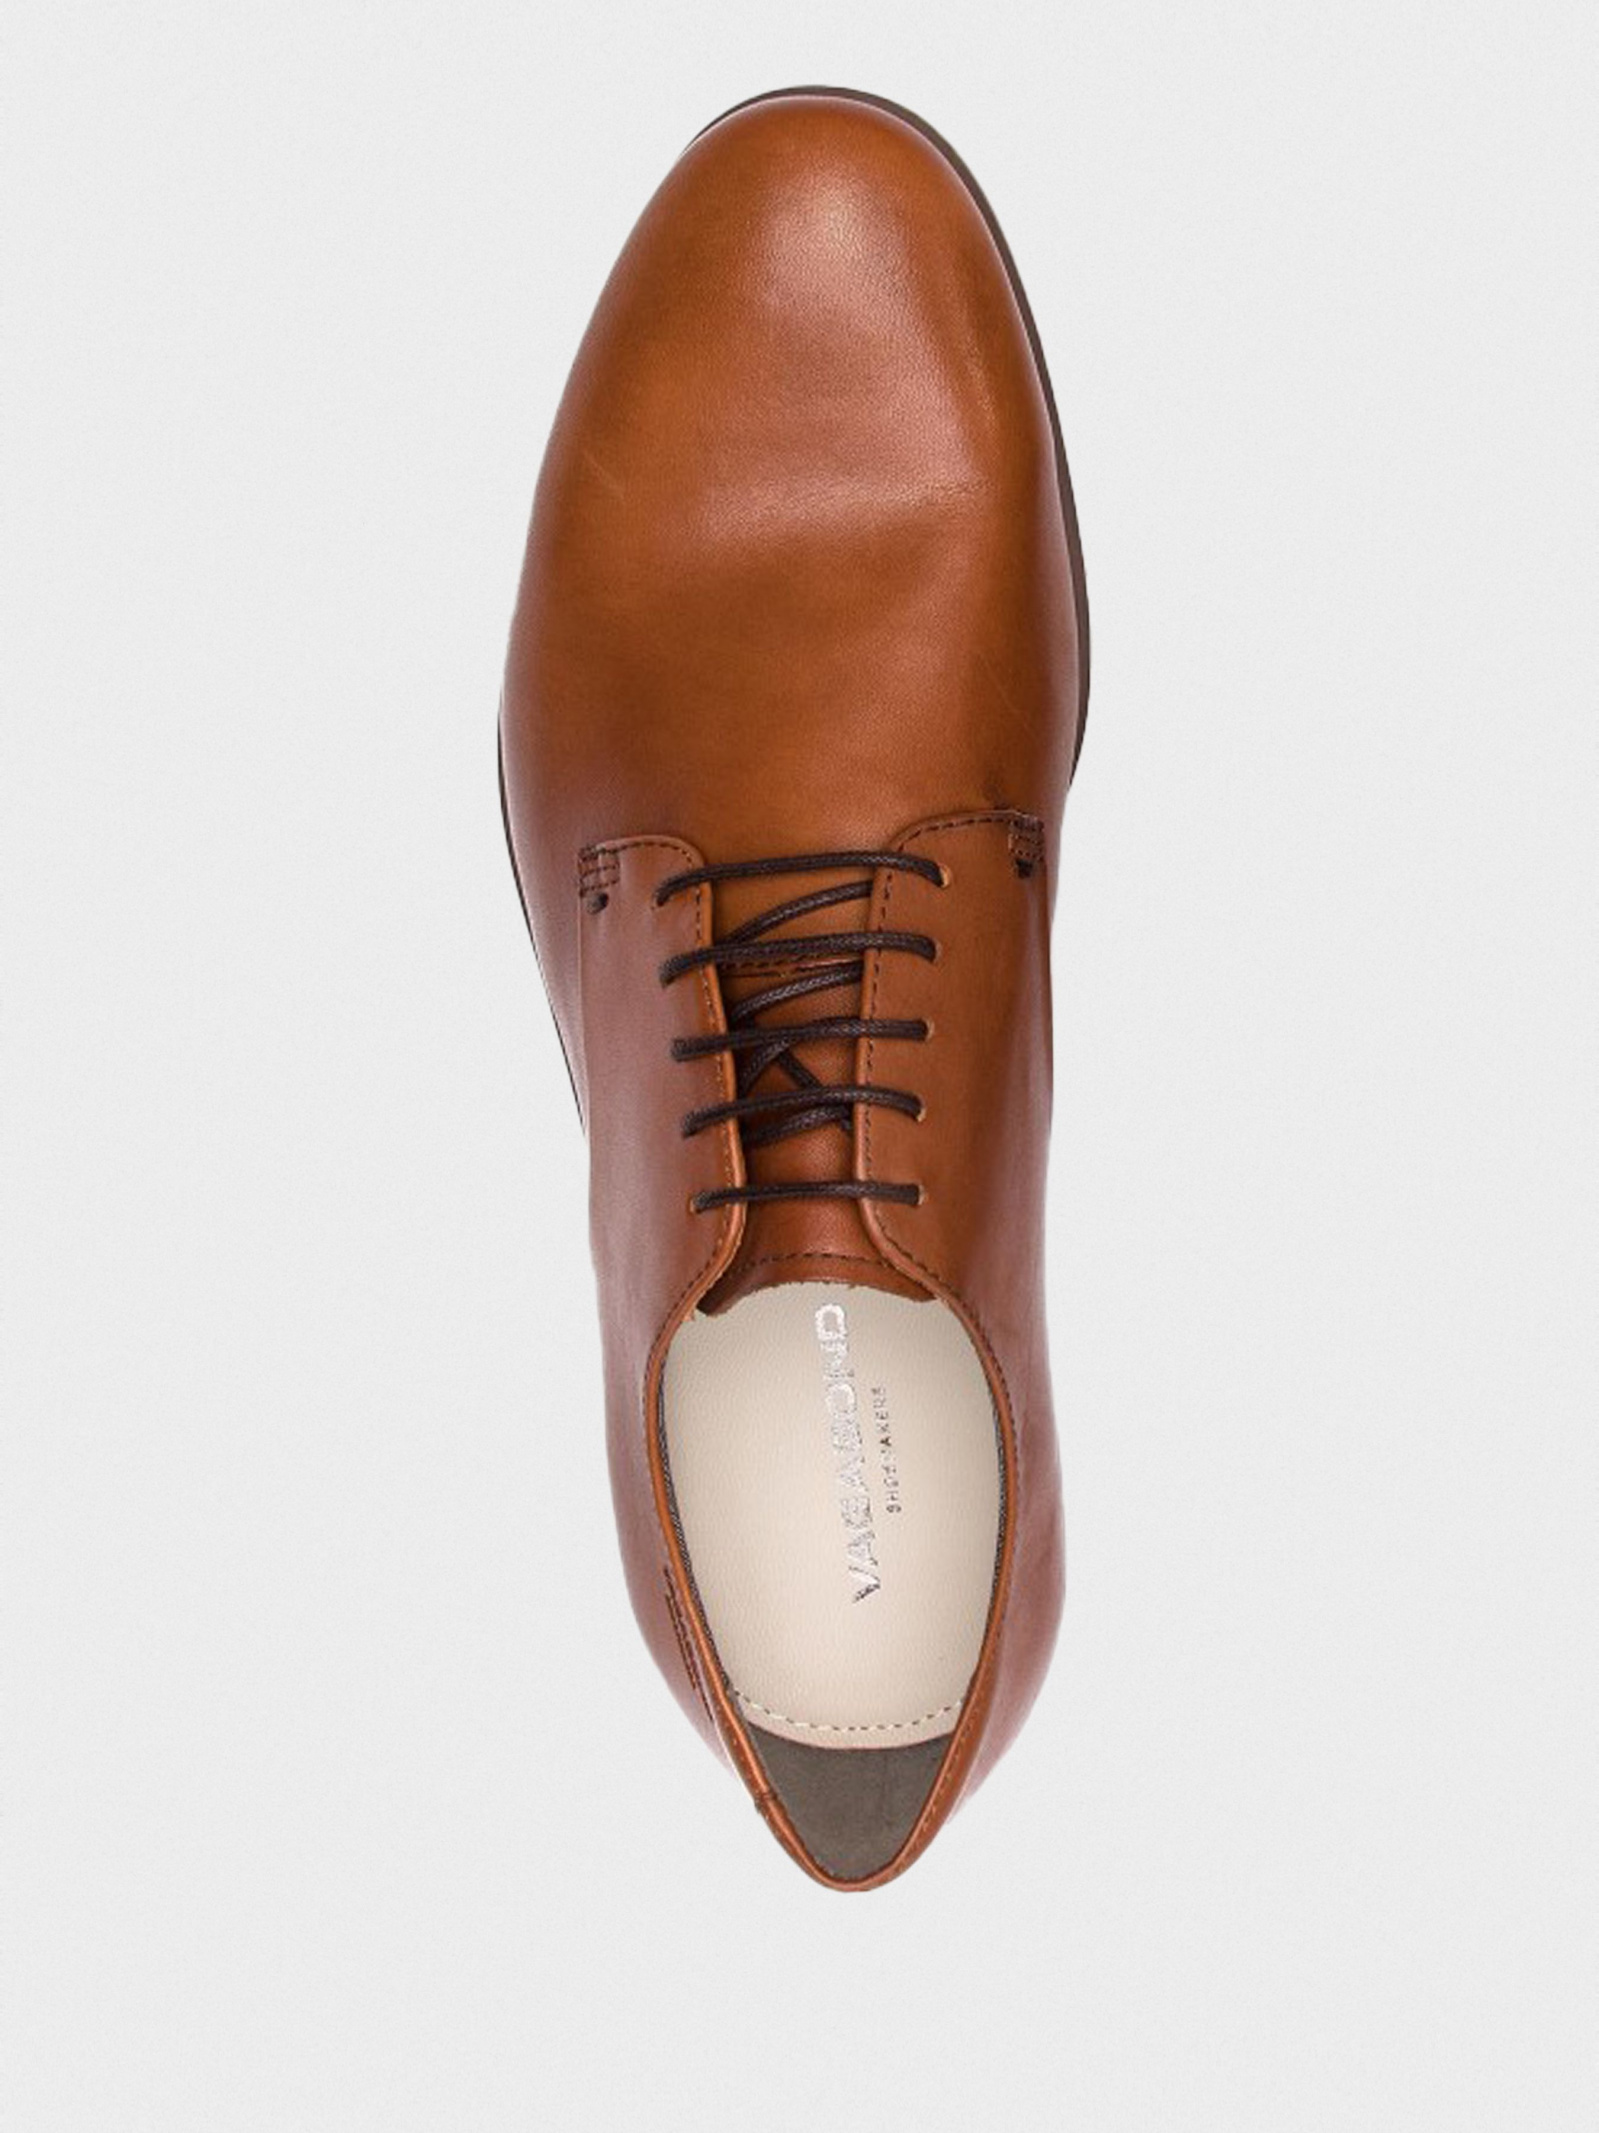 Туфлі  чоловічі VAGABOND LINHOPE 4570-301-27 купити в Iнтертоп, 2017